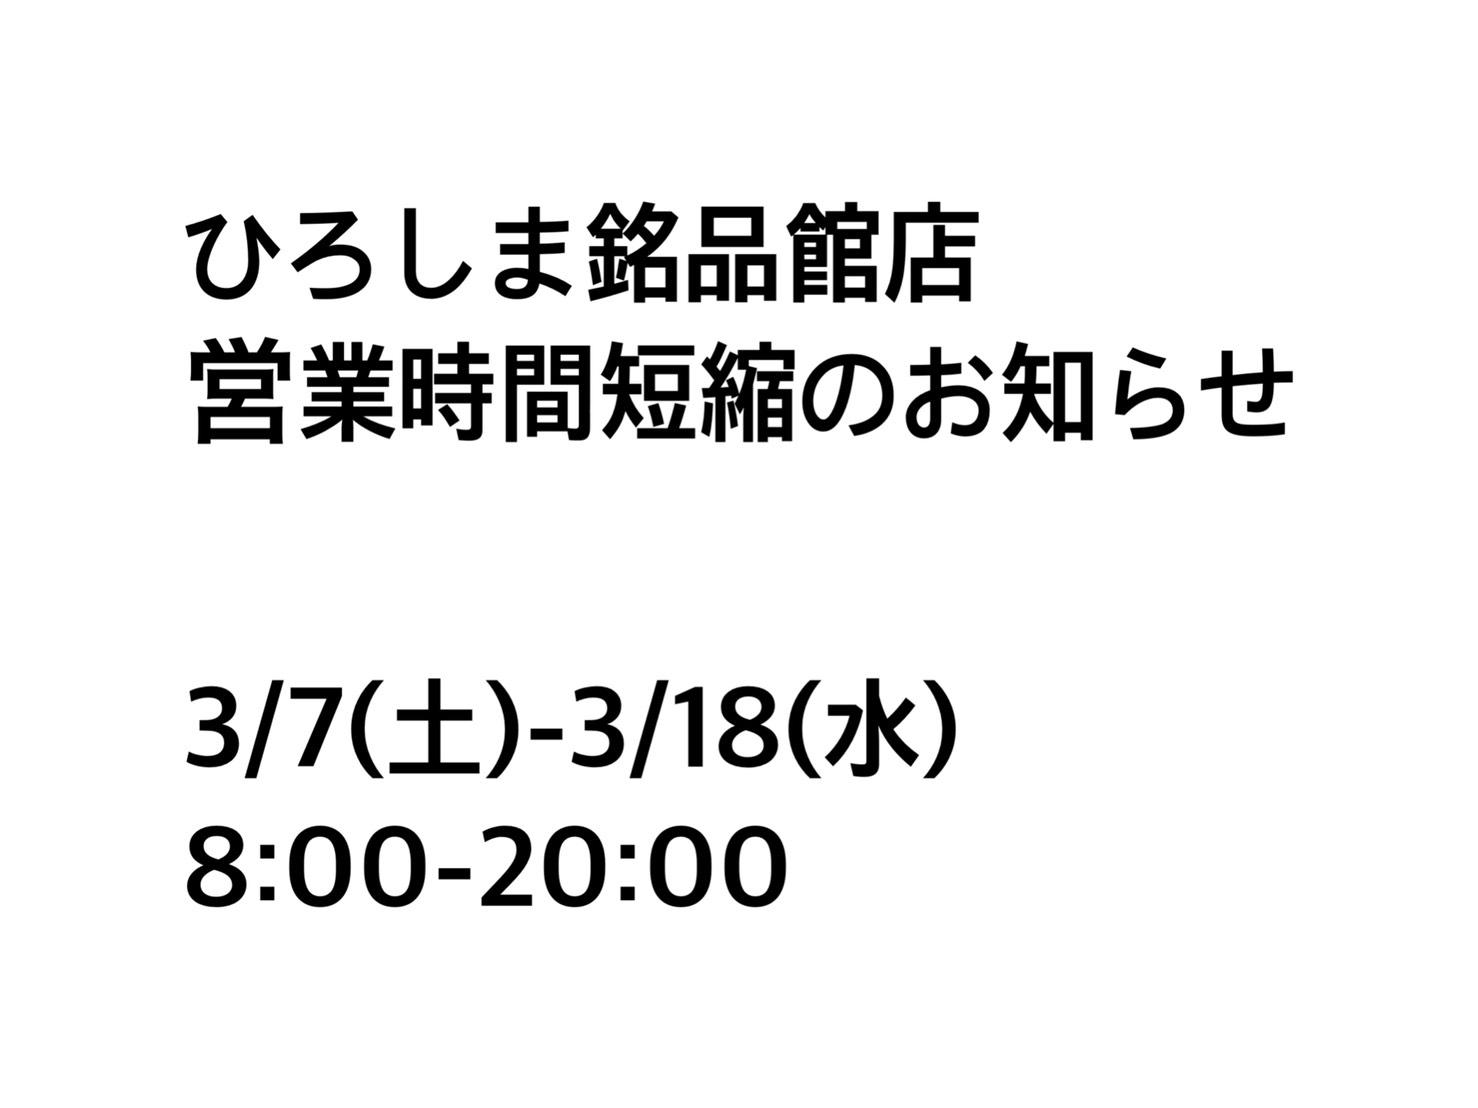 ひろしま銘品館店営業時間短縮のお知らせ3/7(土)〜3/18(水)